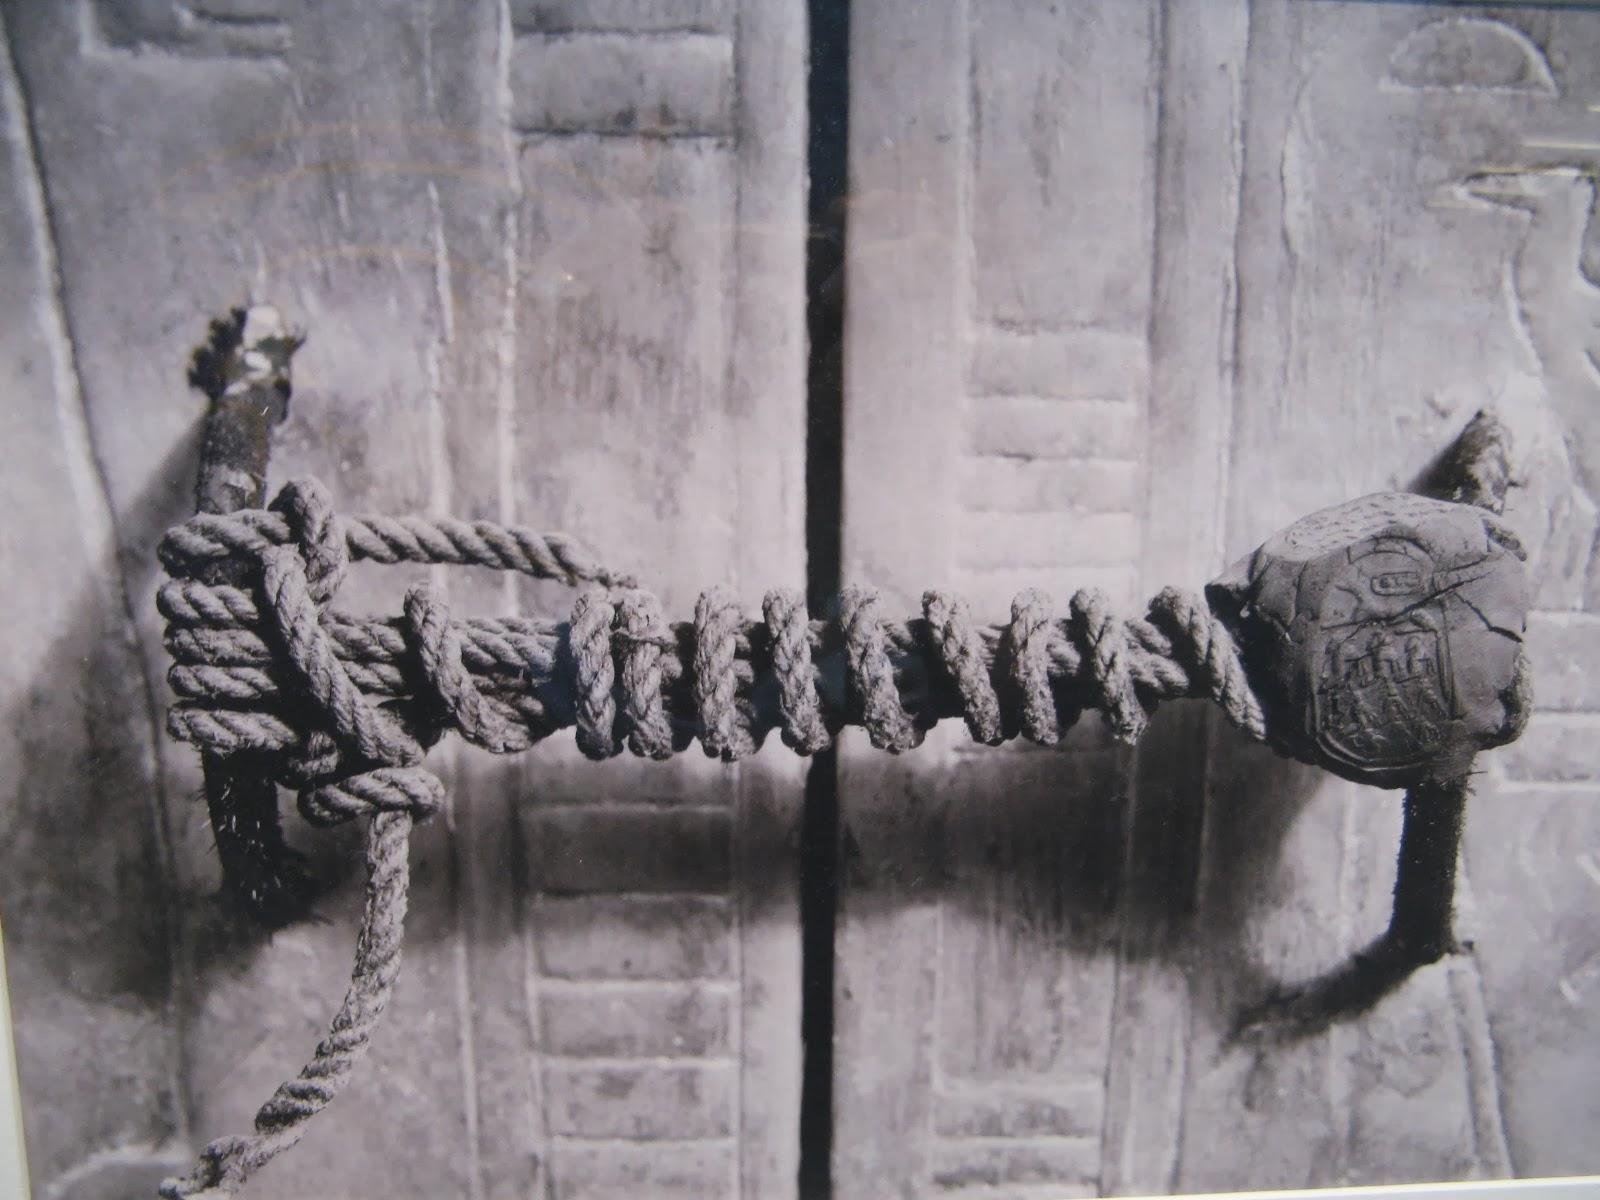 The unbroken seal on King Tutankhamun's tomb, 1922